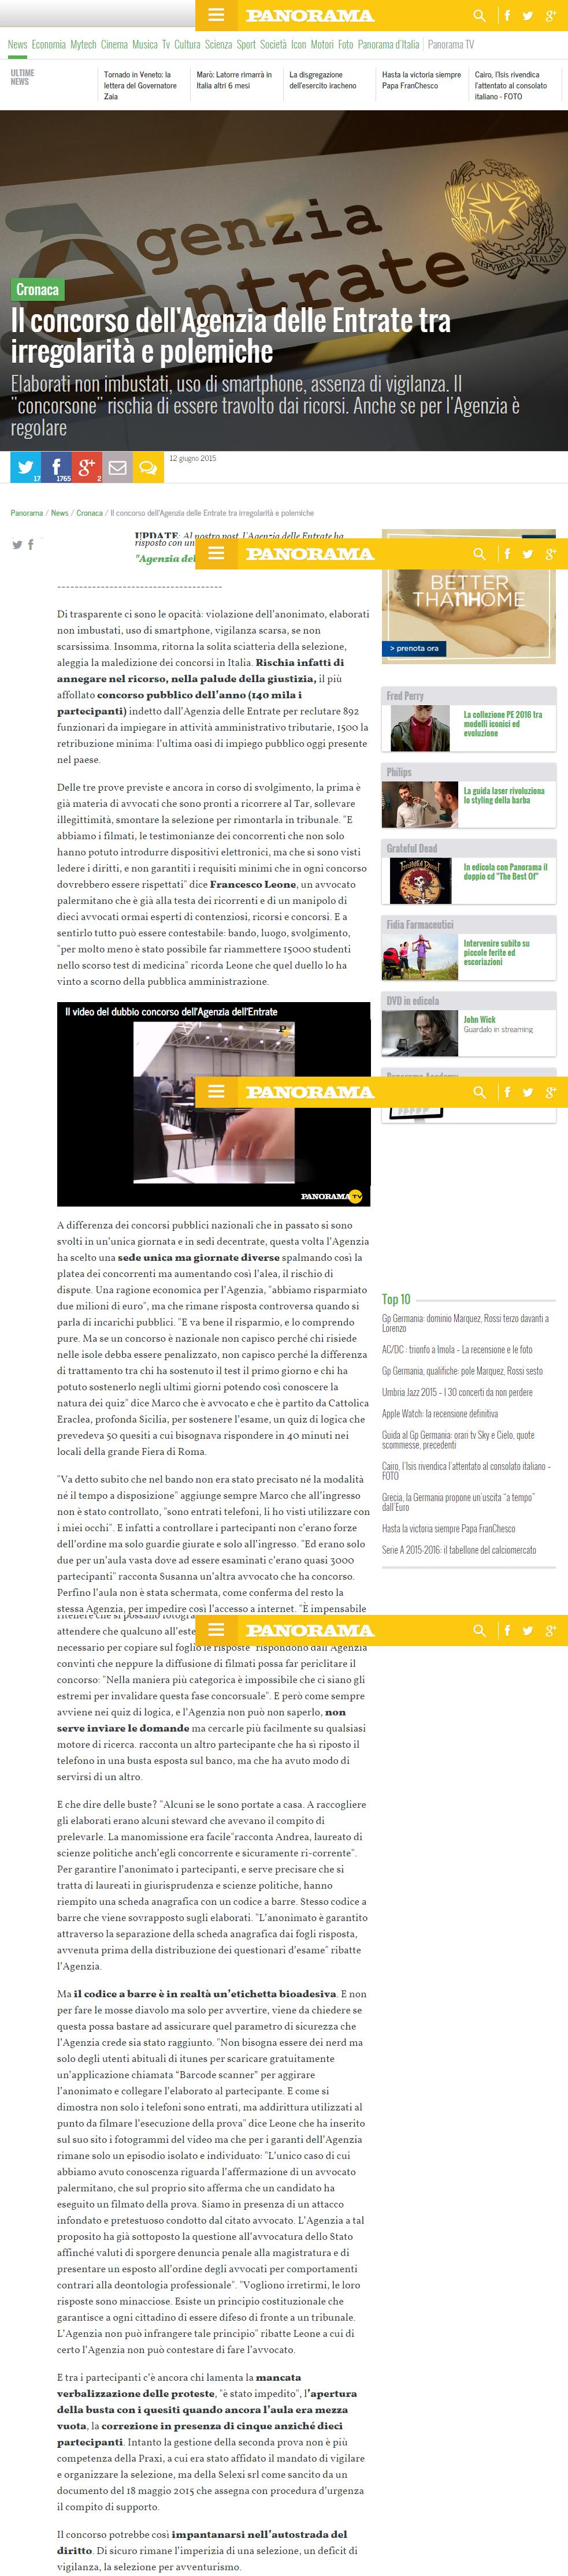 Il concorso dell Agenzia delle Entrate tra irregolarità e polemiche   Panorama